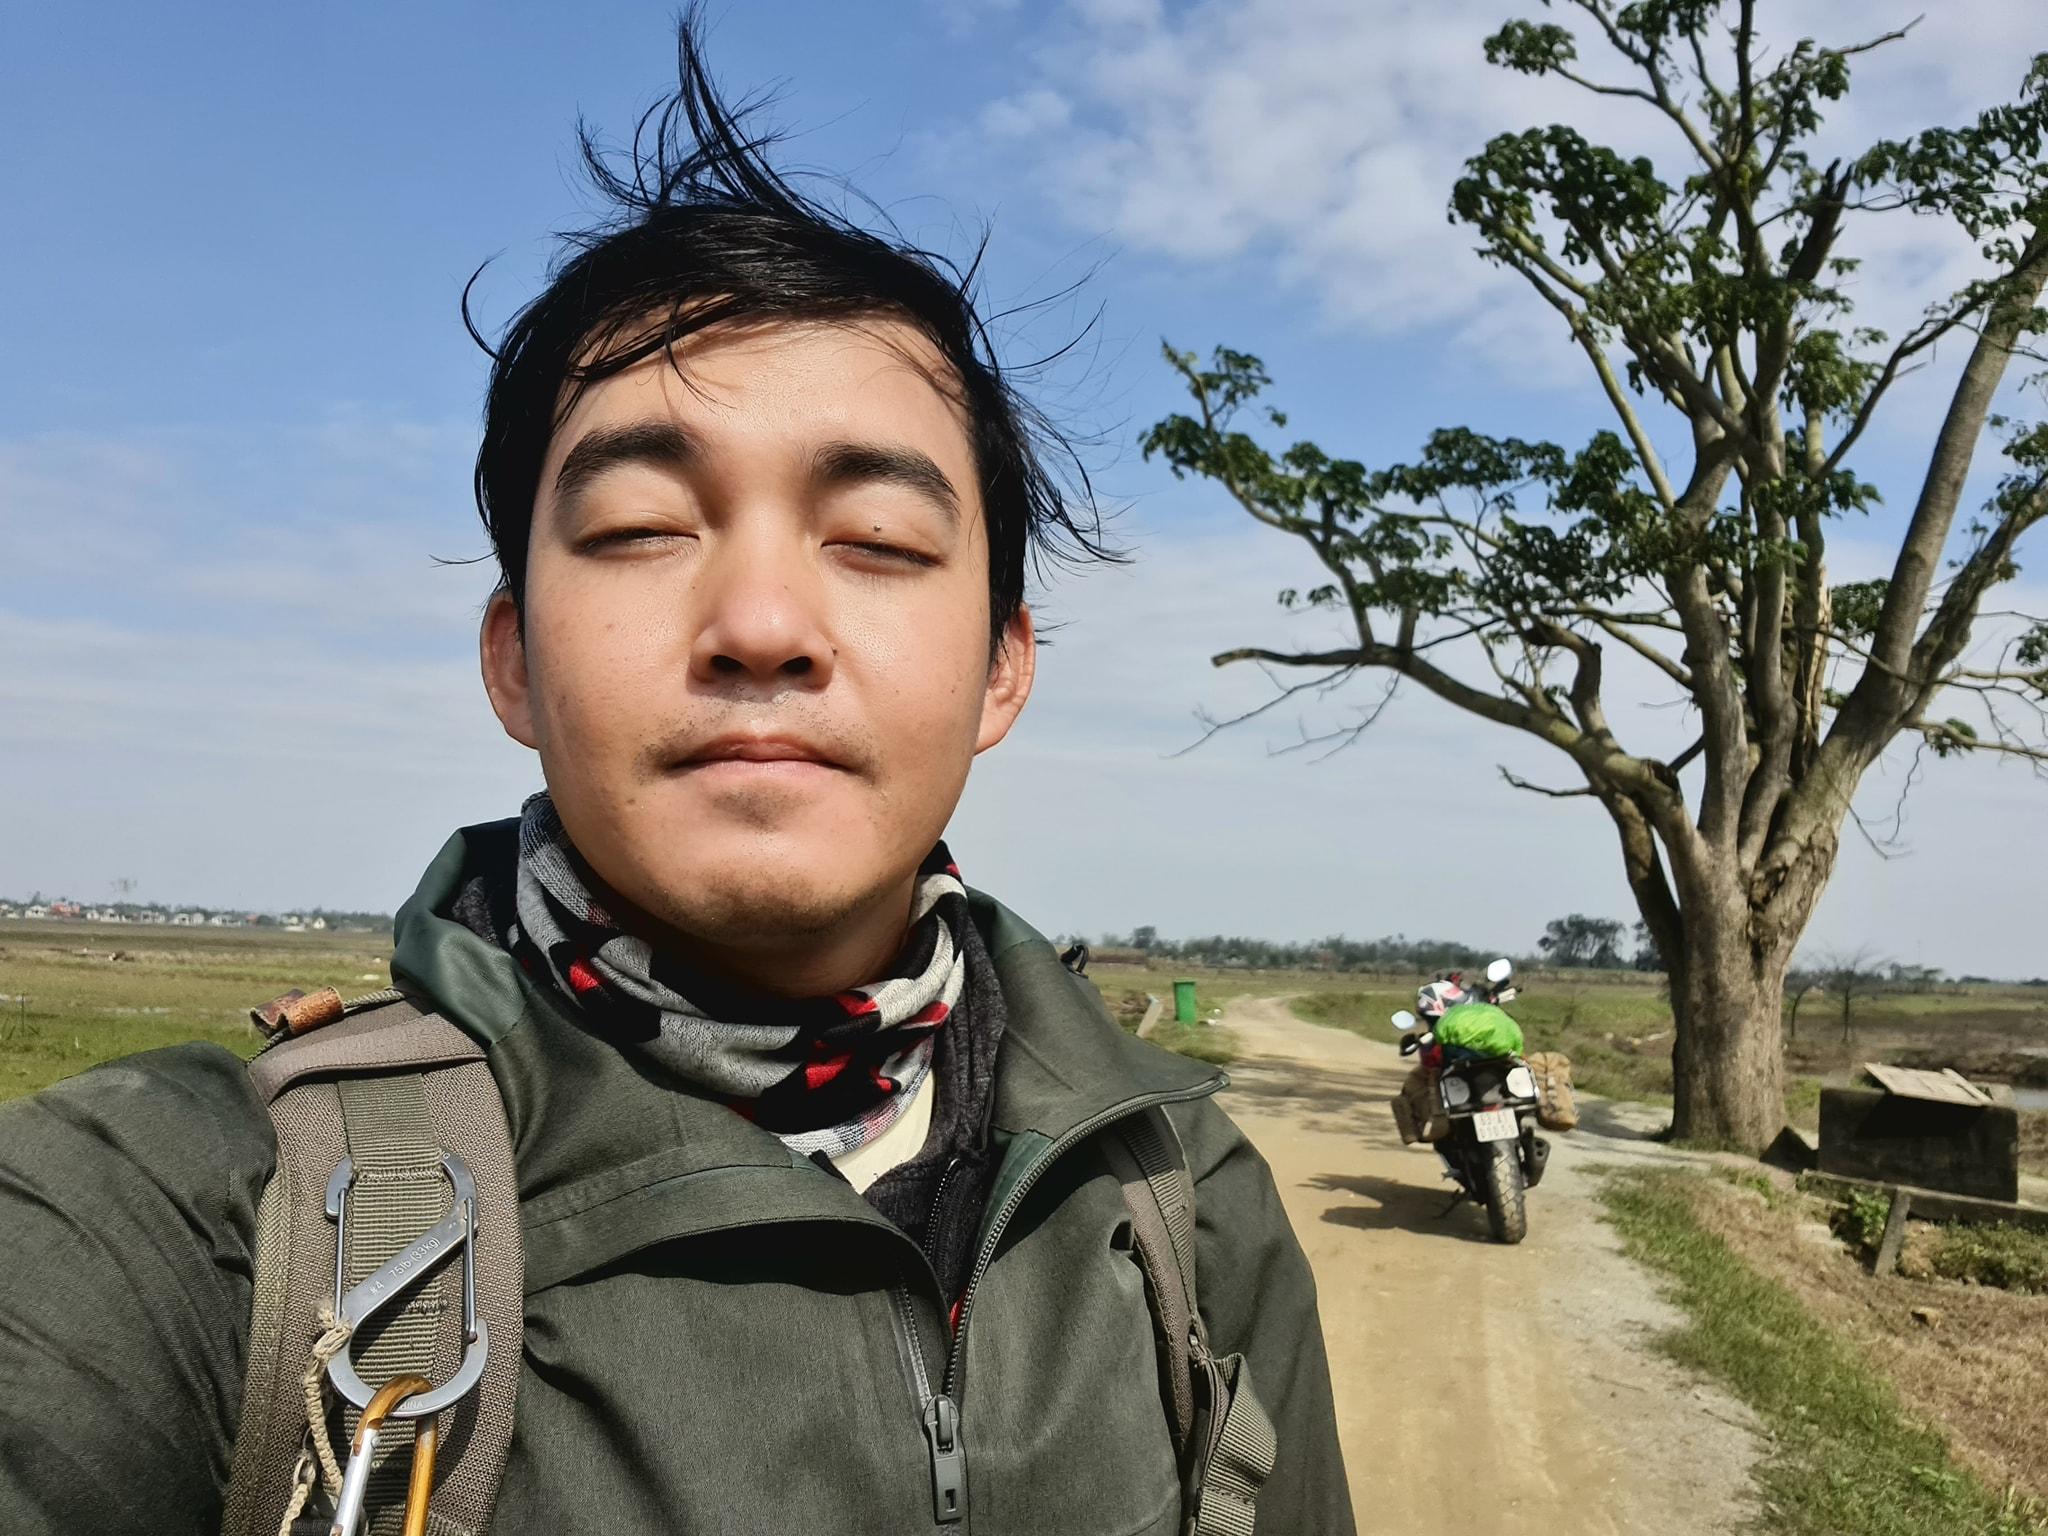 Phượt thủ Trần Đặng Đăng Khoa thực hiện chuyến xuyên Việt đến cây ngô đồng (Mắt Biếc), màn tạo dáng 'cute đến xỉu' 6